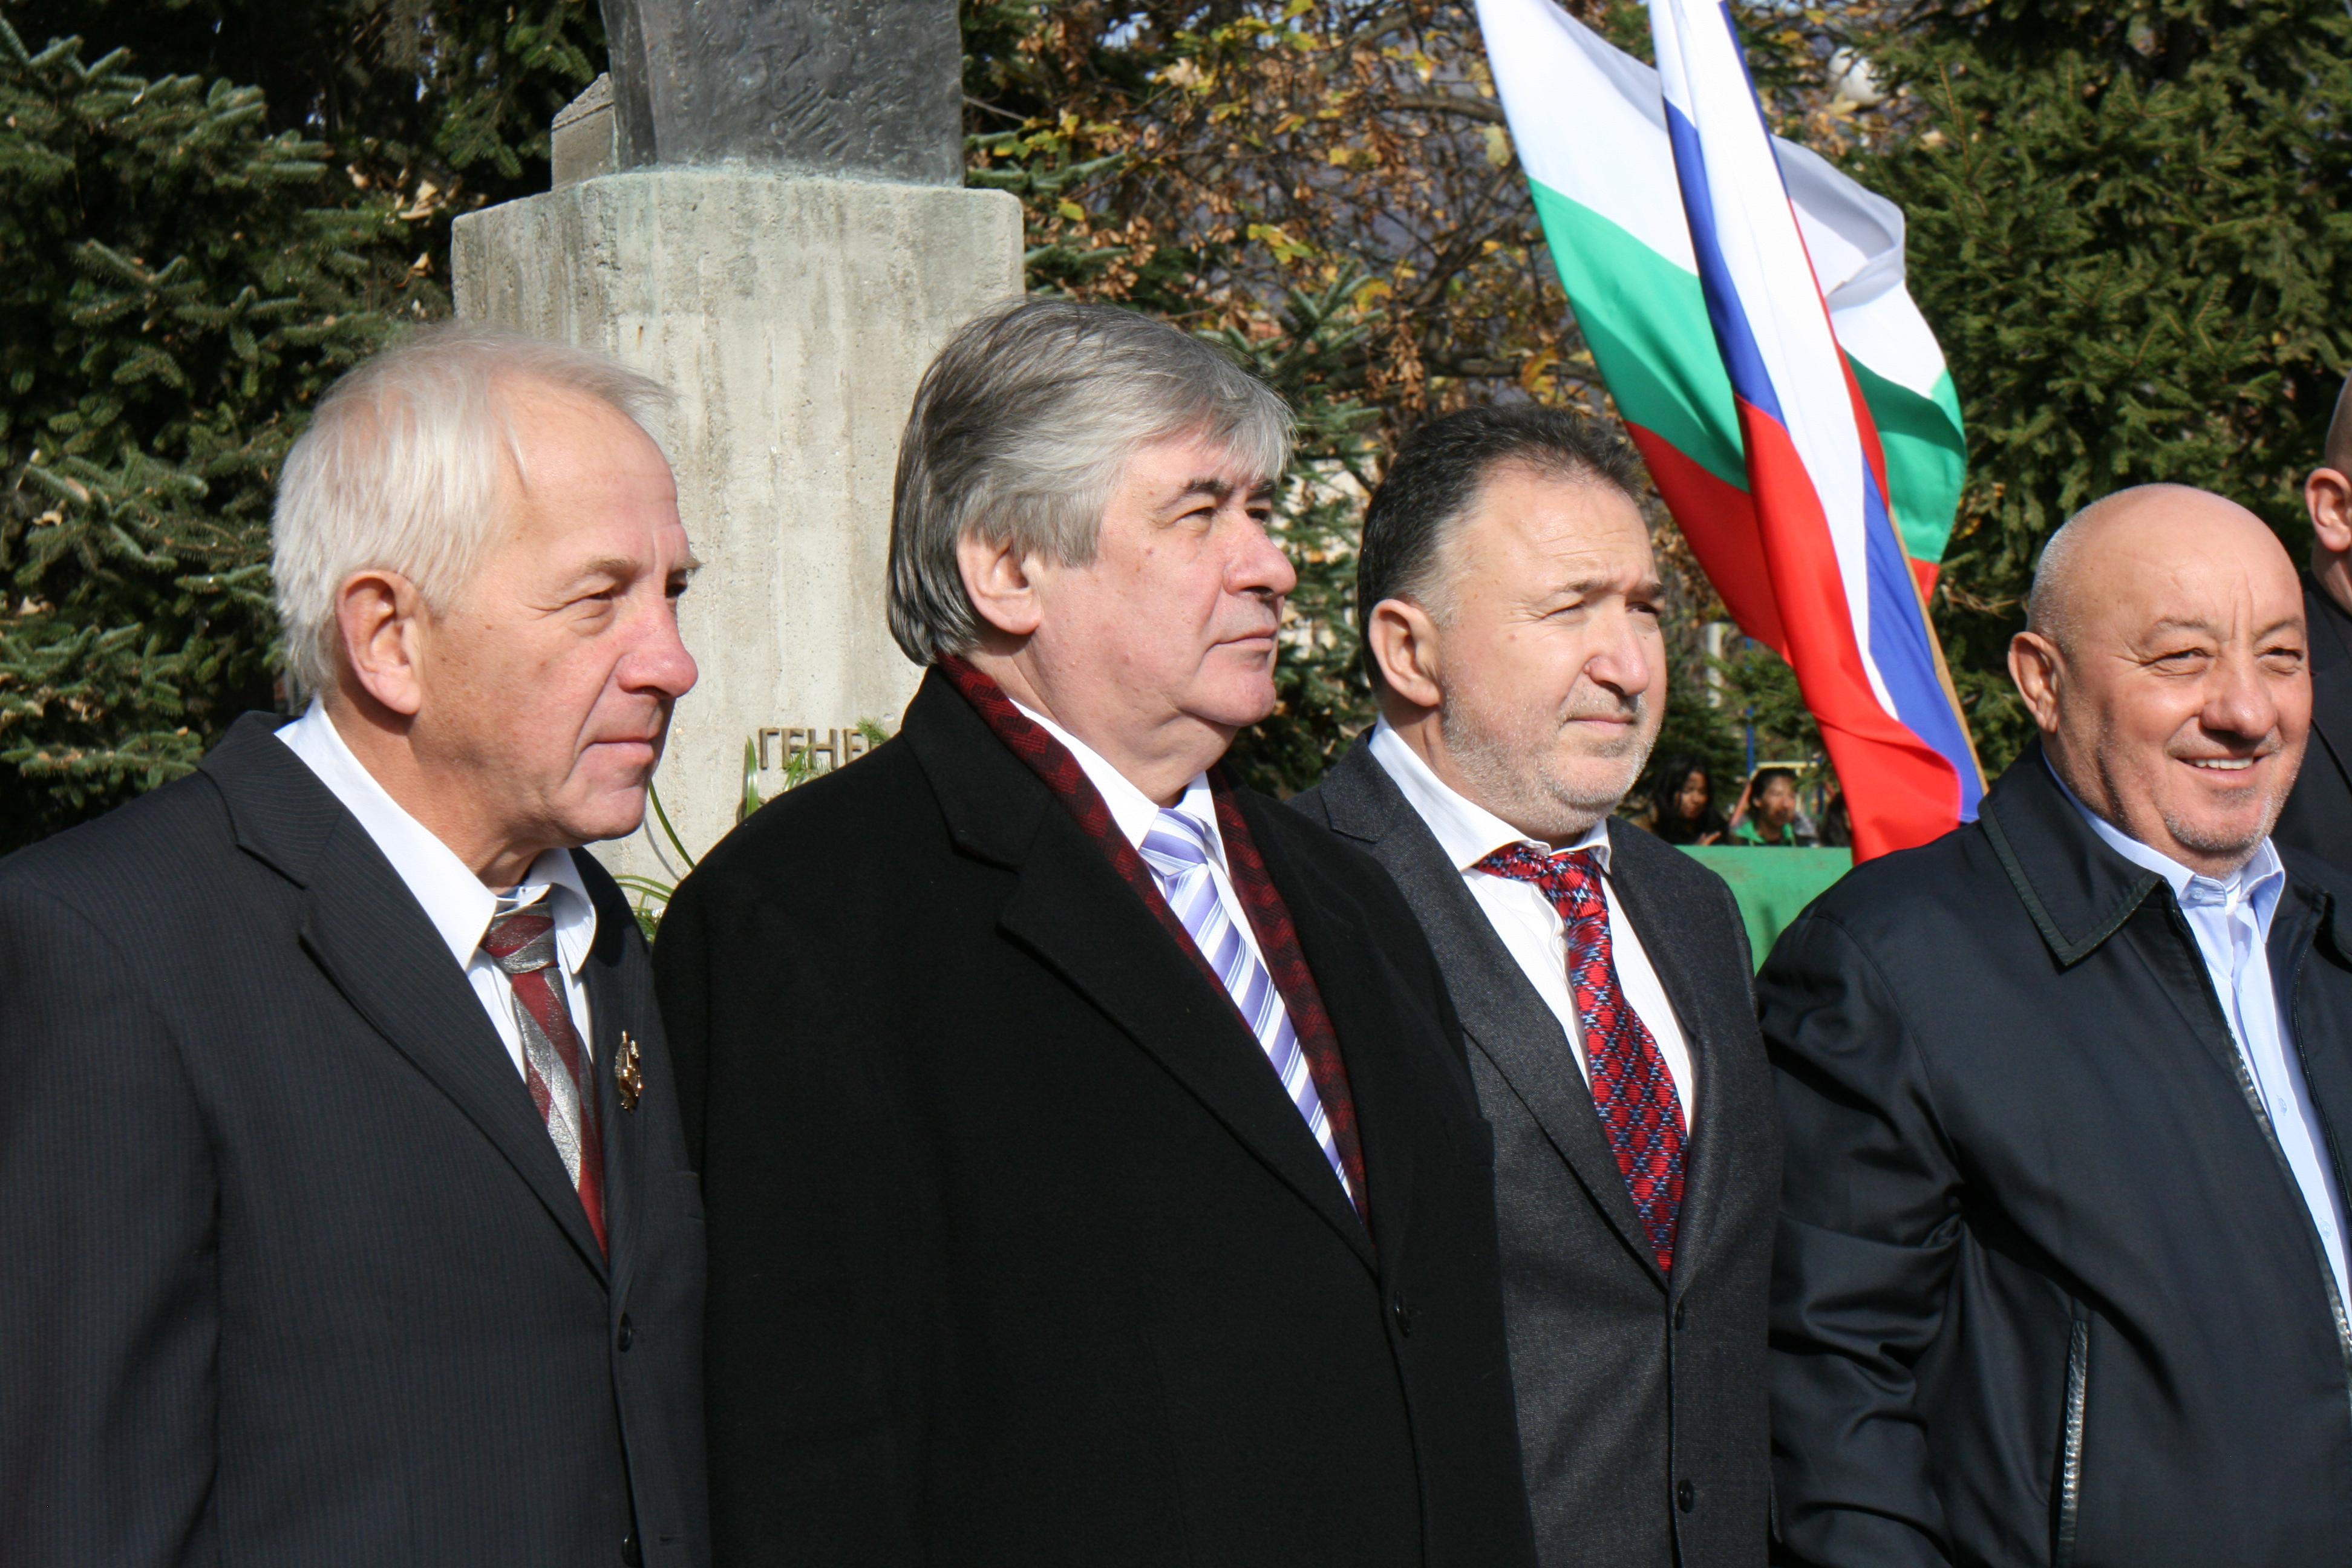 Н. Пр. Анатолий Макаров (втори от ляво надясно) пред паметника на генерал Николай Столетов в с. Столетово.